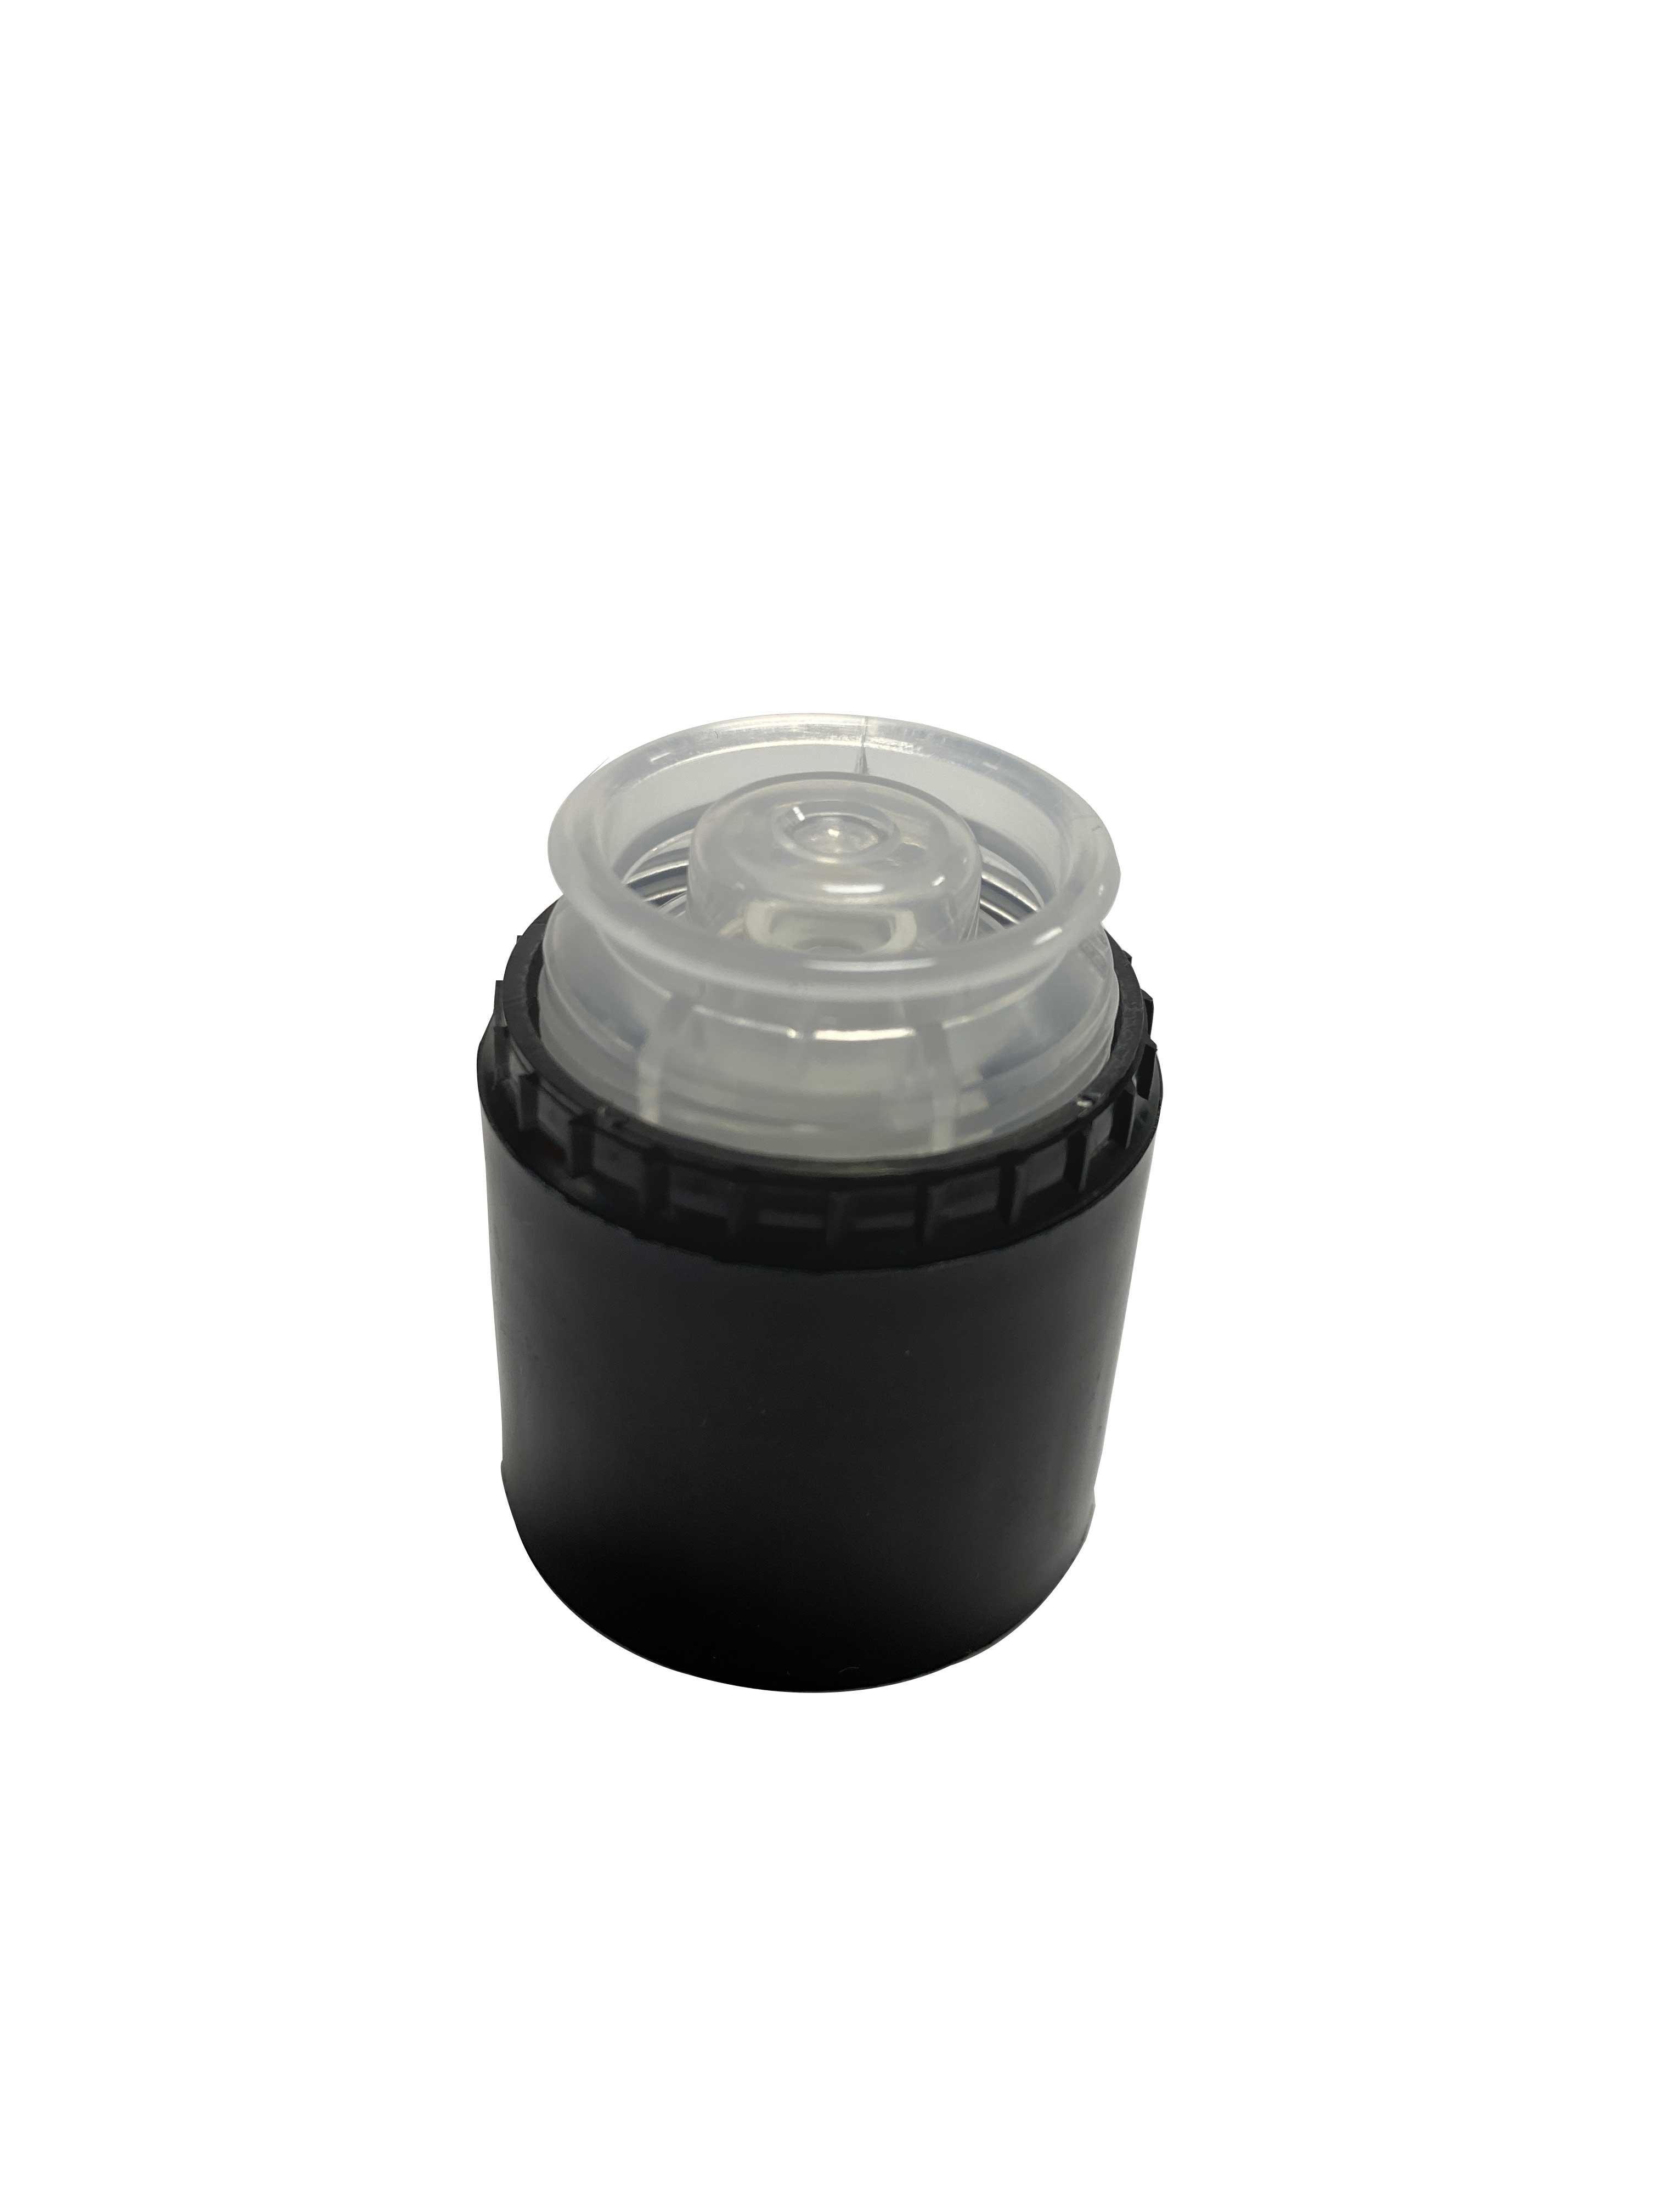 Pourer cap CPR height 47, tamper-evident, PP/PE, black with natural pourer (for oils)